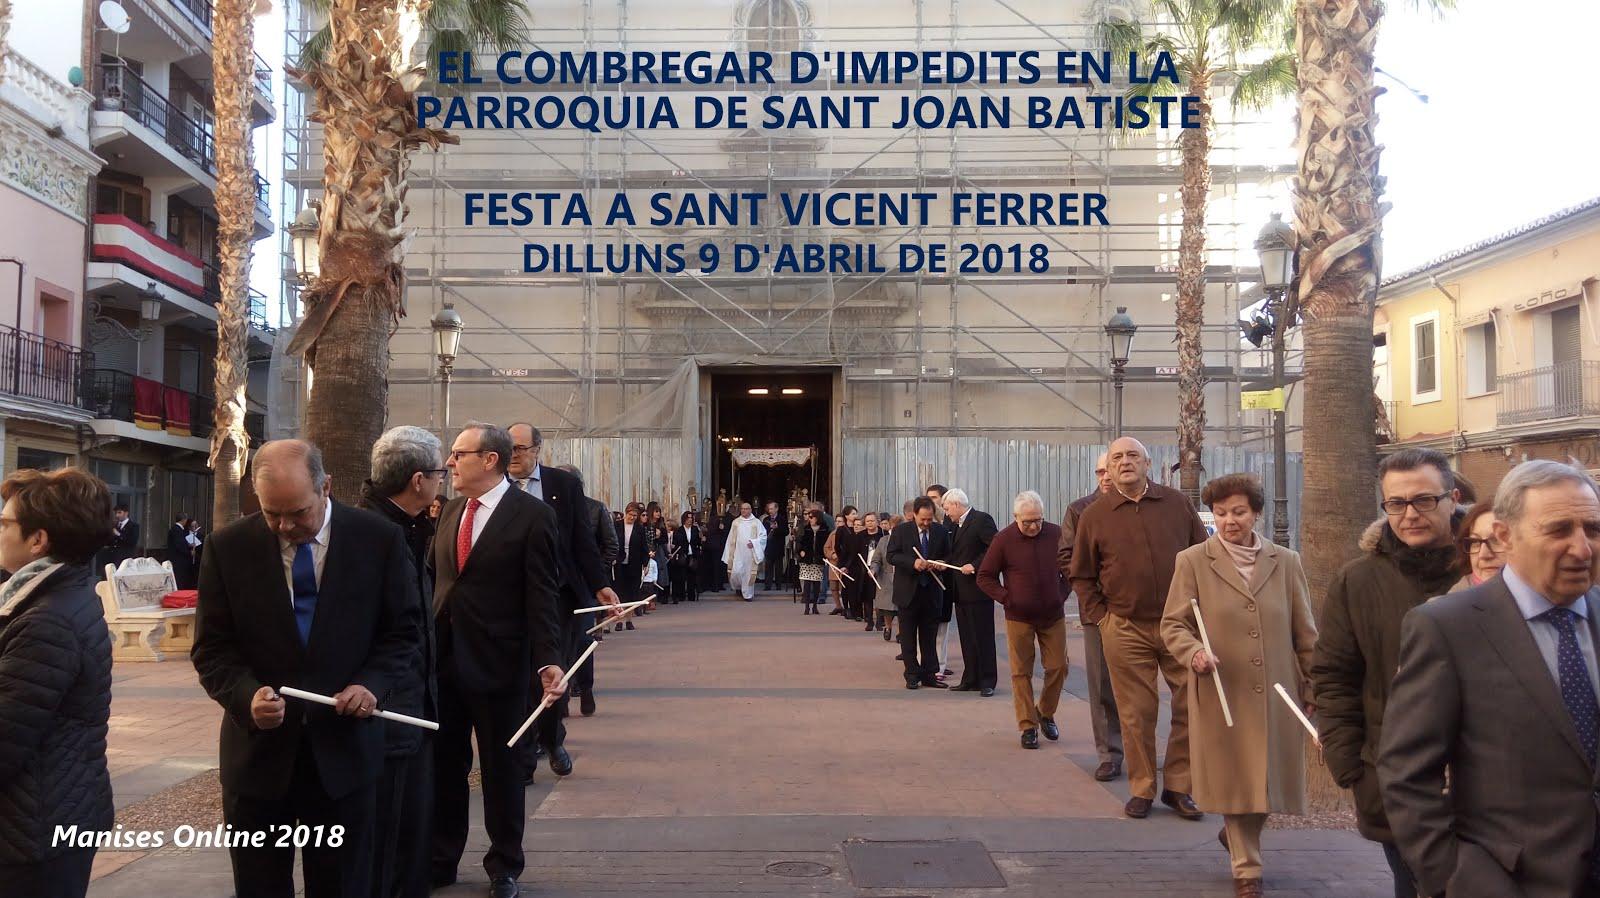 09.04.18: EL COMBREGAR D'IMPEDITS EN MANISES